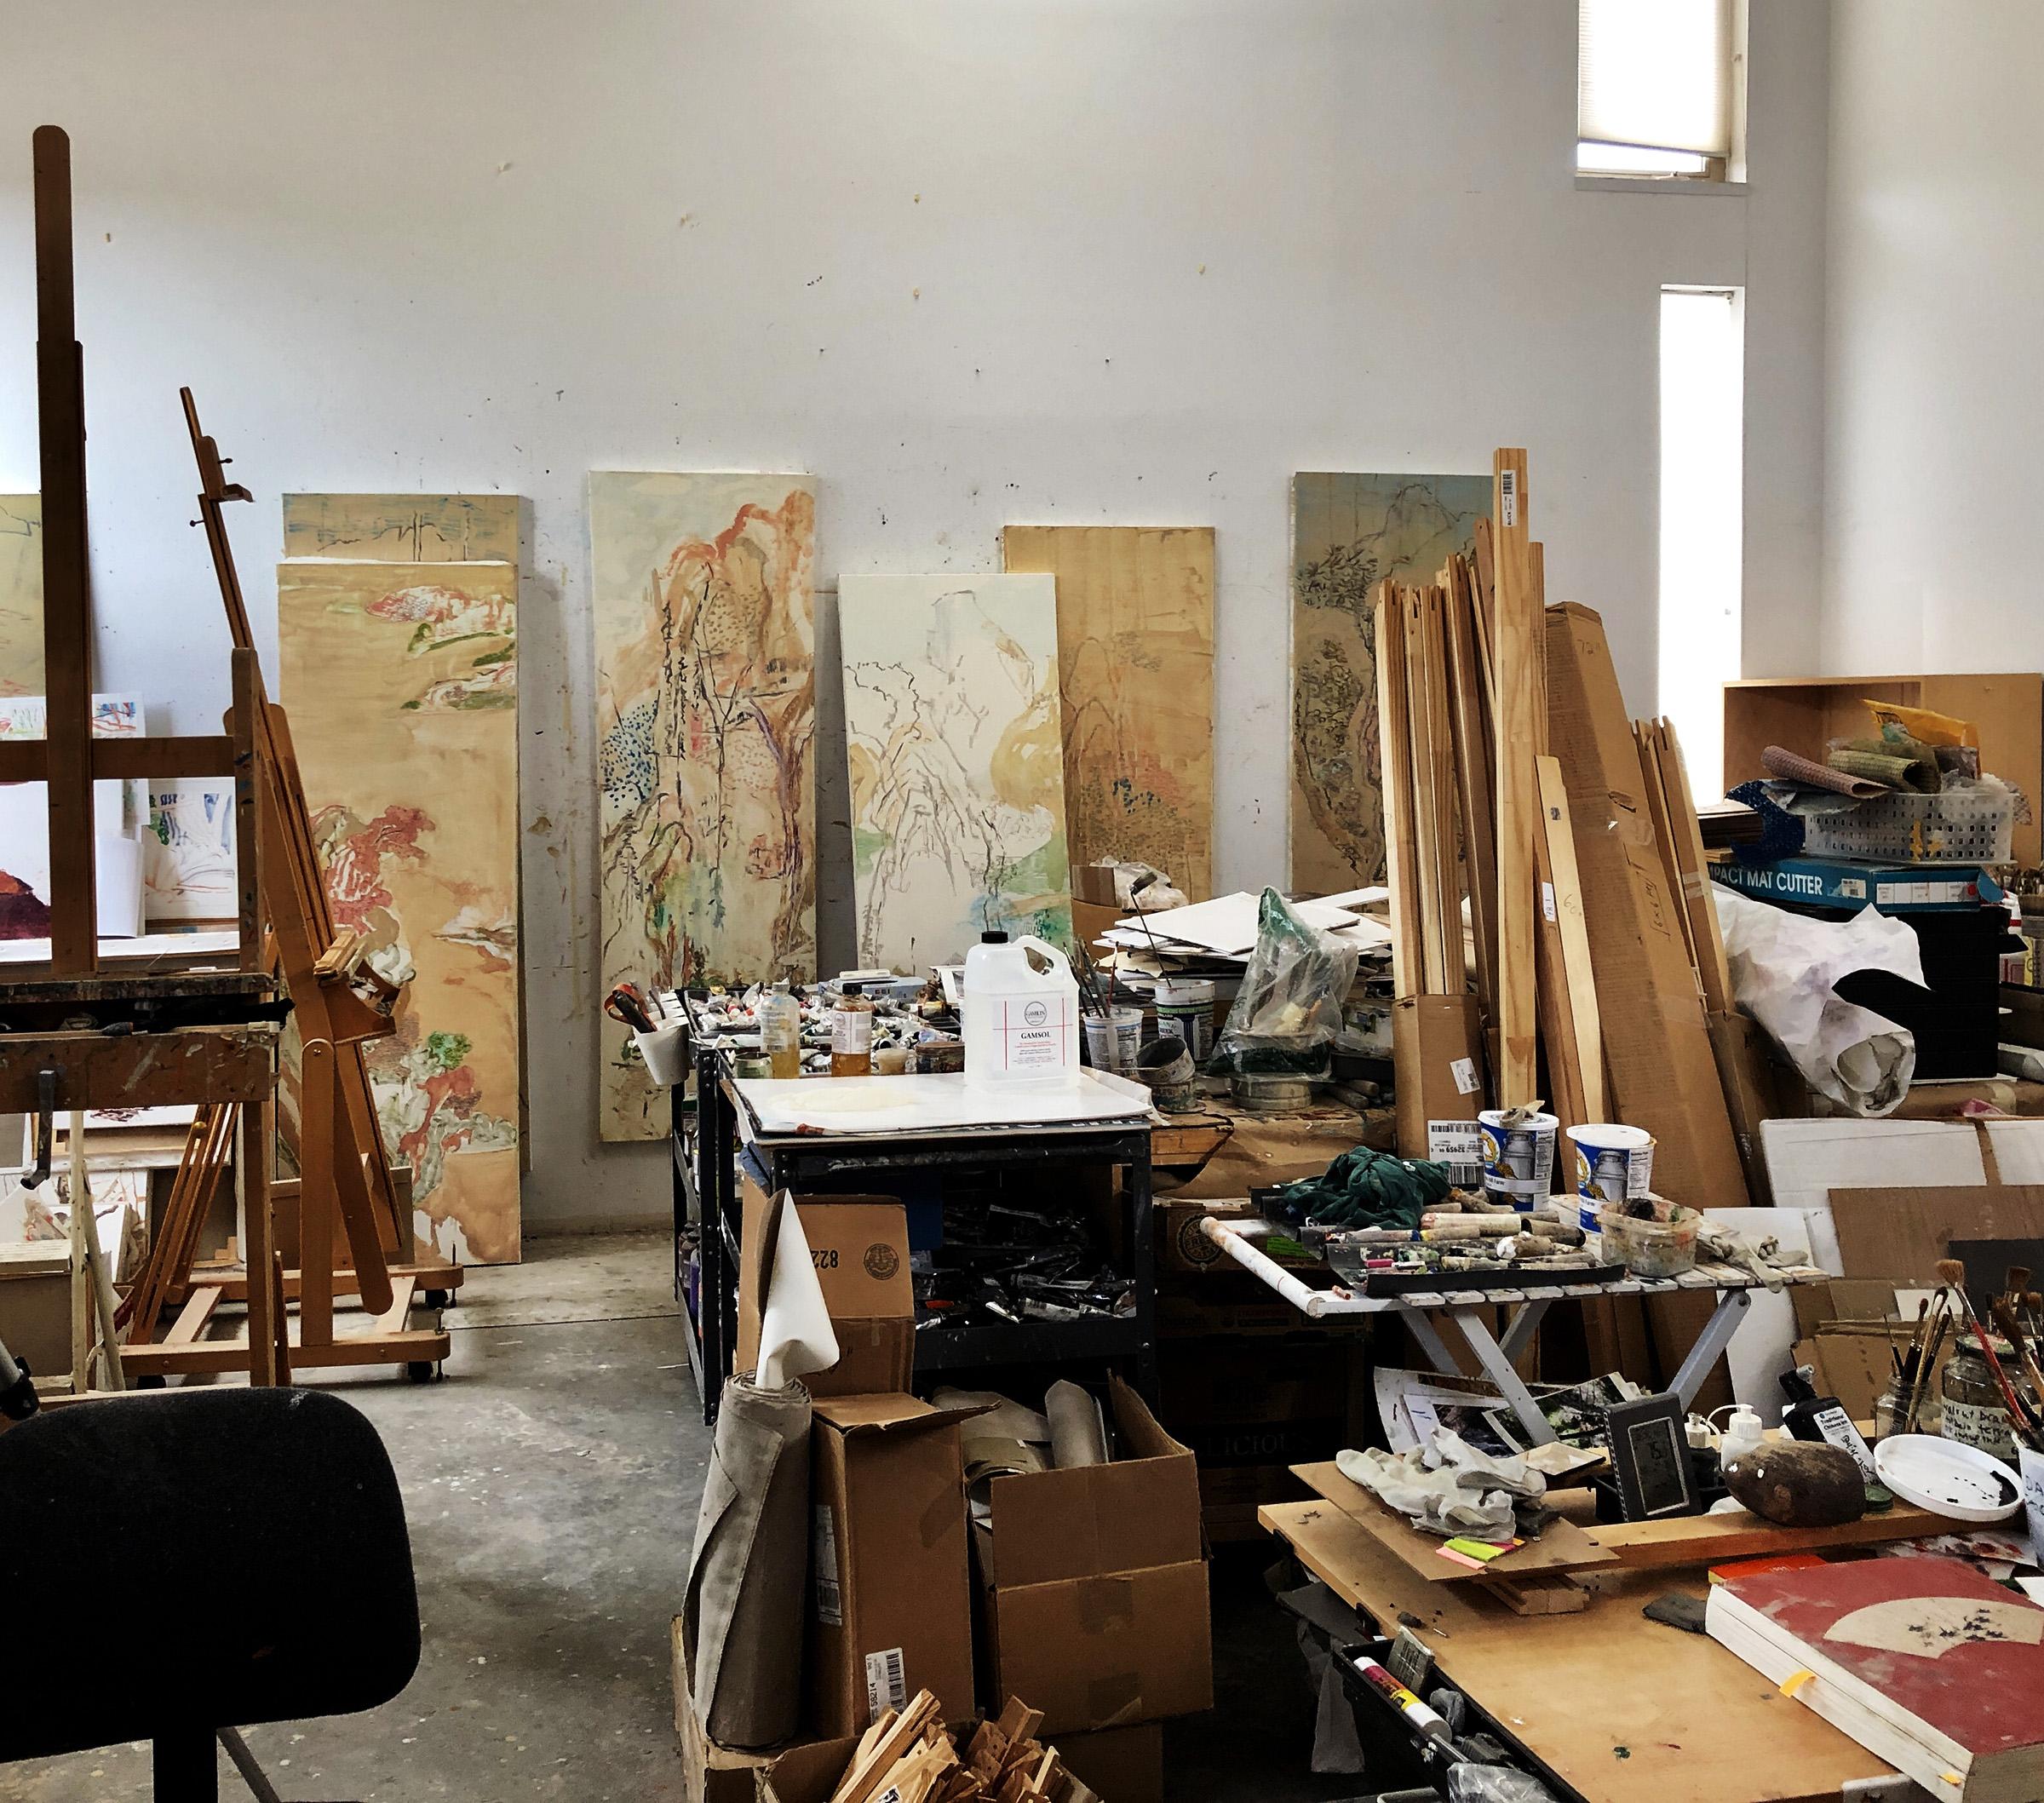 SITE-8-12-19 studio before cleanup.jpg